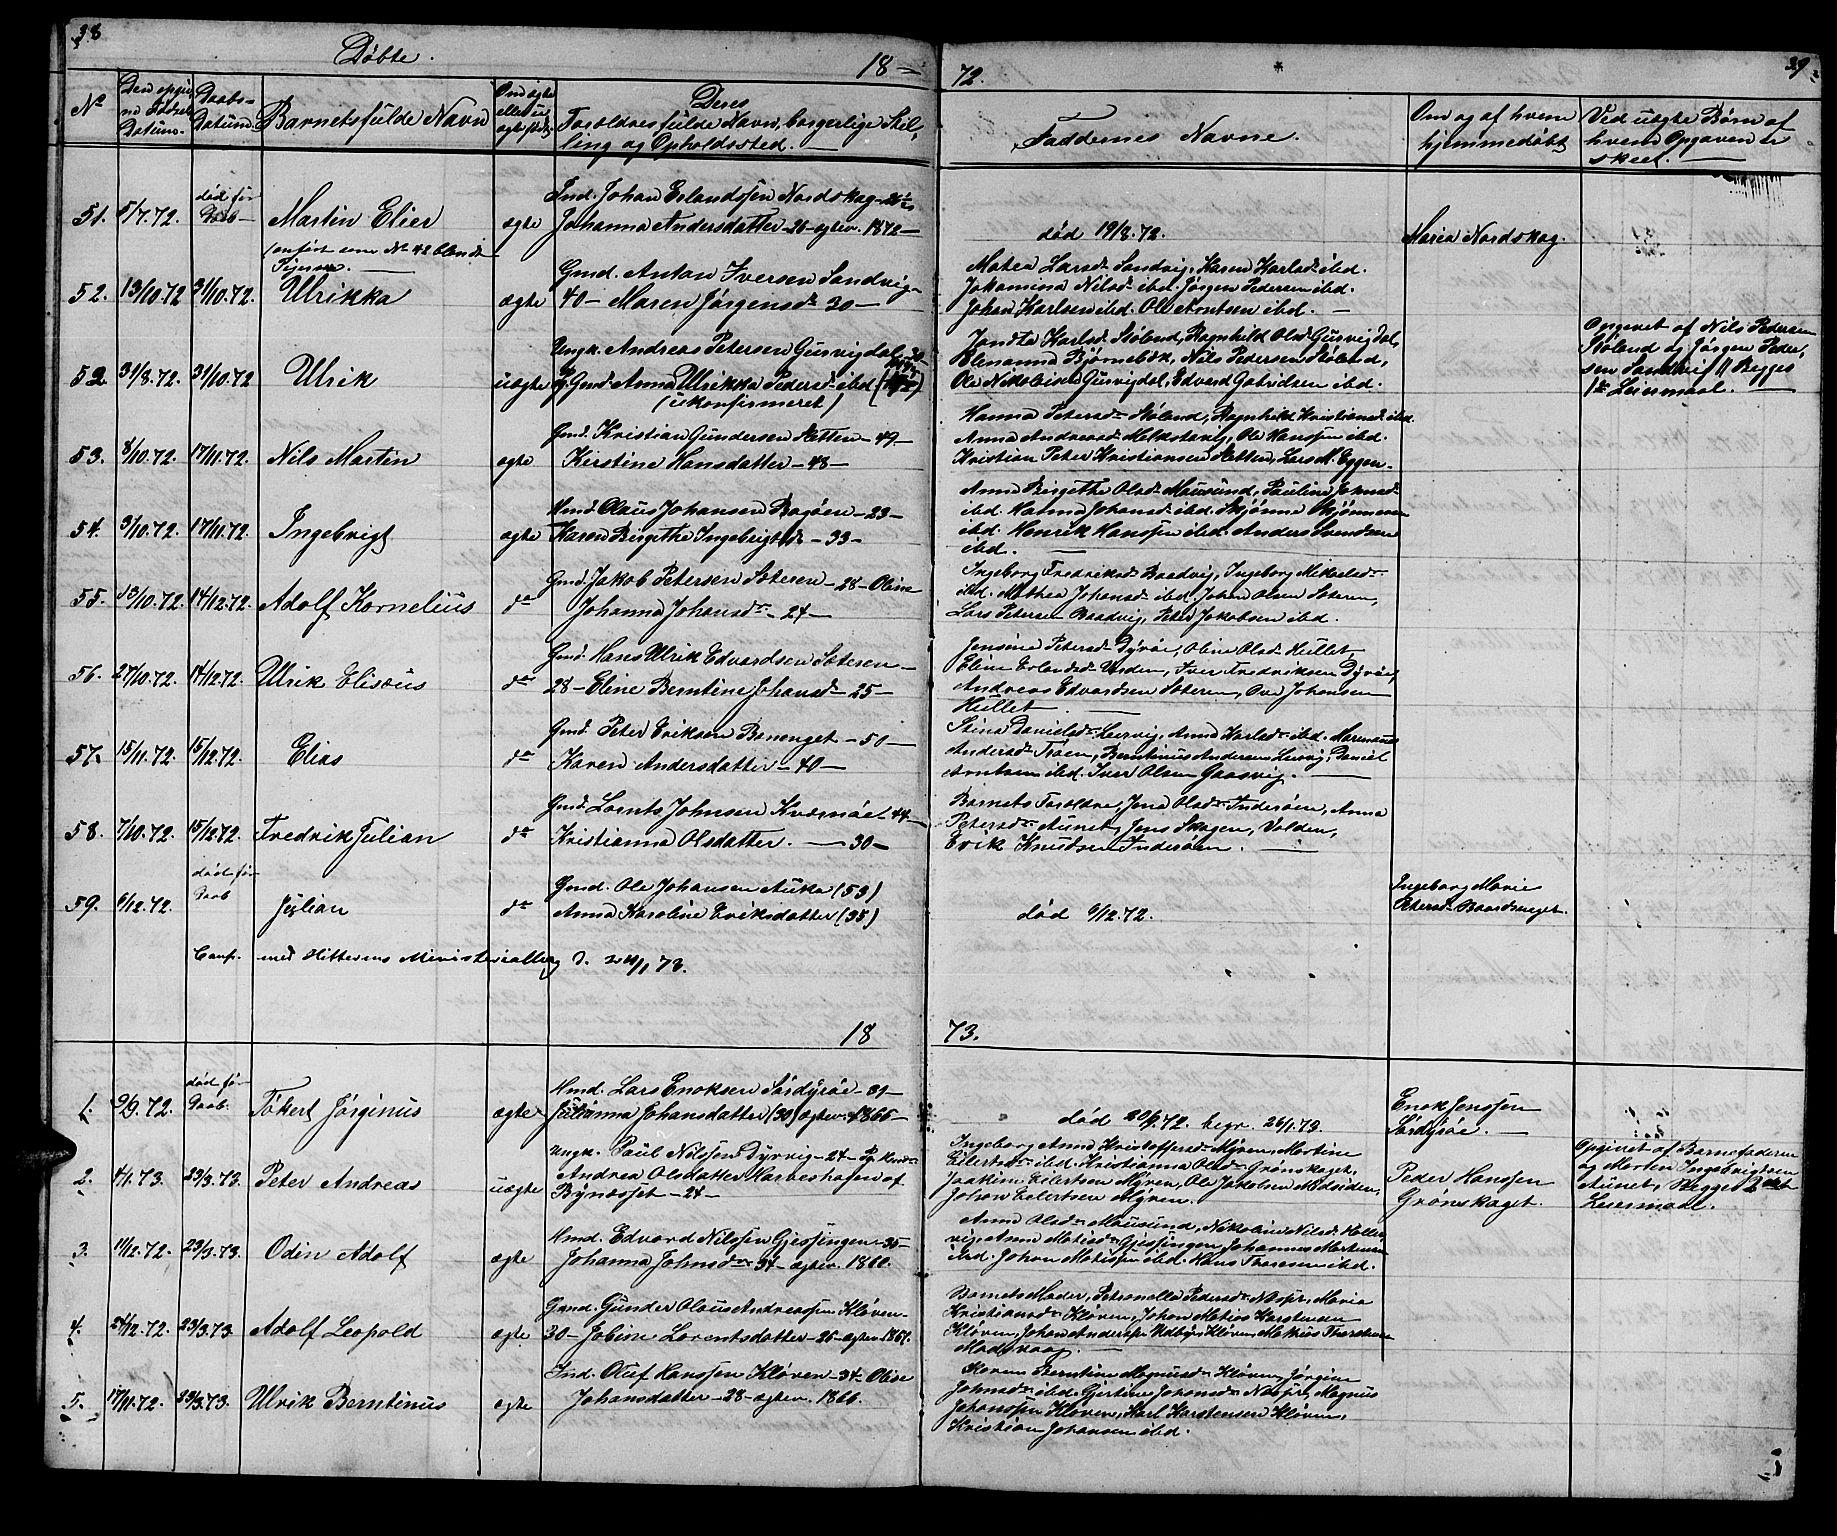 SAT, Ministerialprotokoller, klokkerbøker og fødselsregistre - Sør-Trøndelag, 640/L0583: Klokkerbok nr. 640C01, 1866-1877, s. 38-39